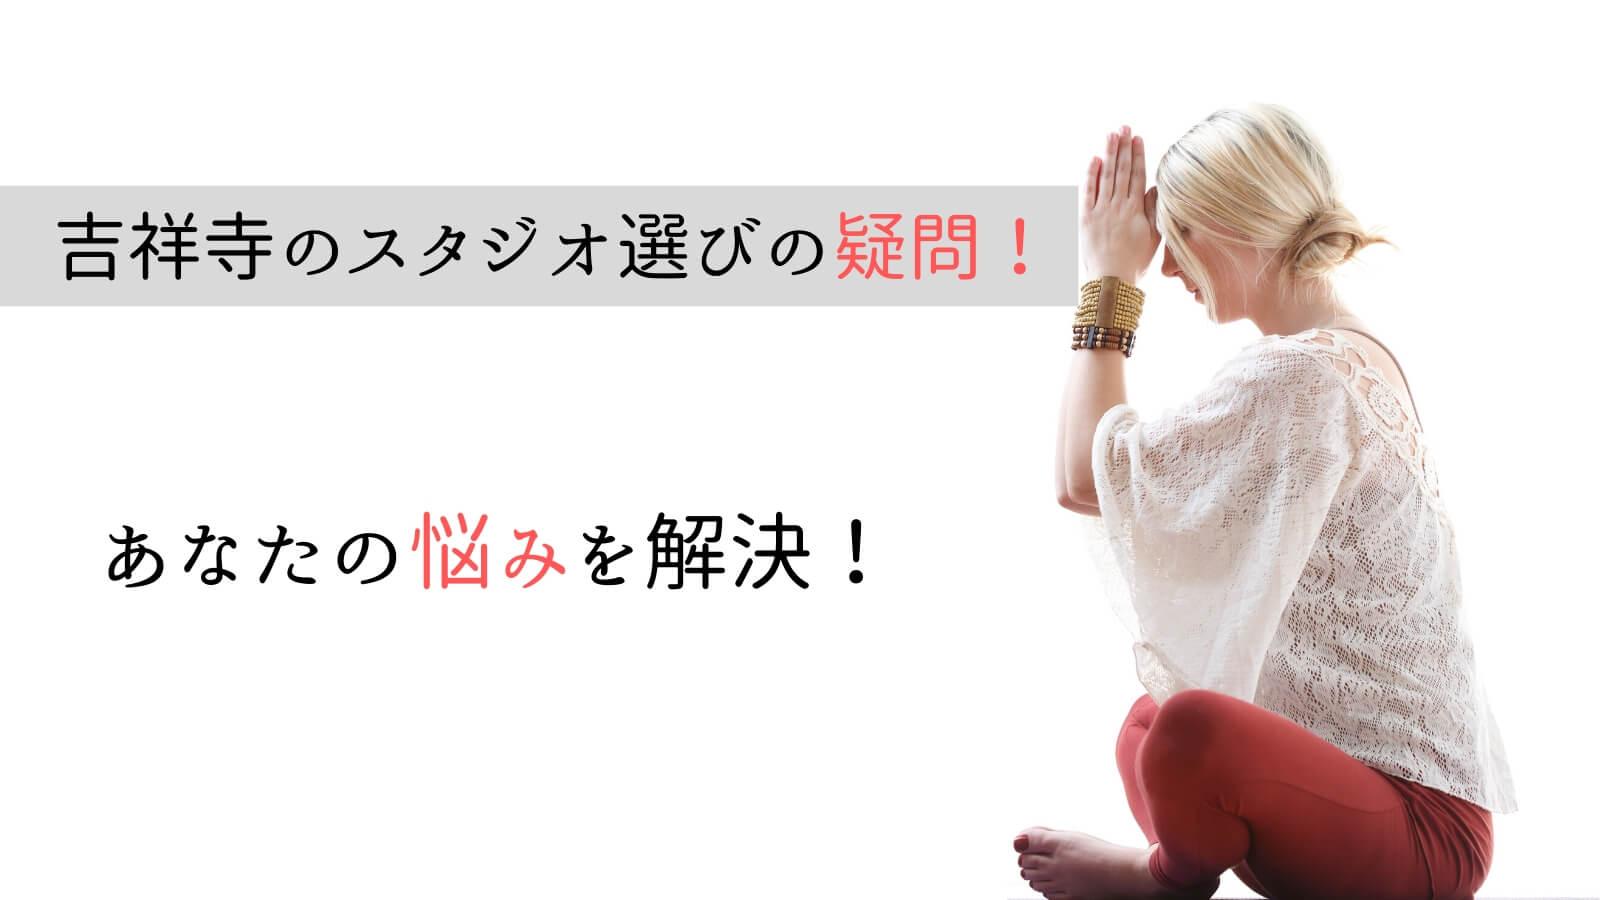 吉祥寺でのヨガ・ホットヨガスタジオ選びに関するQ&A